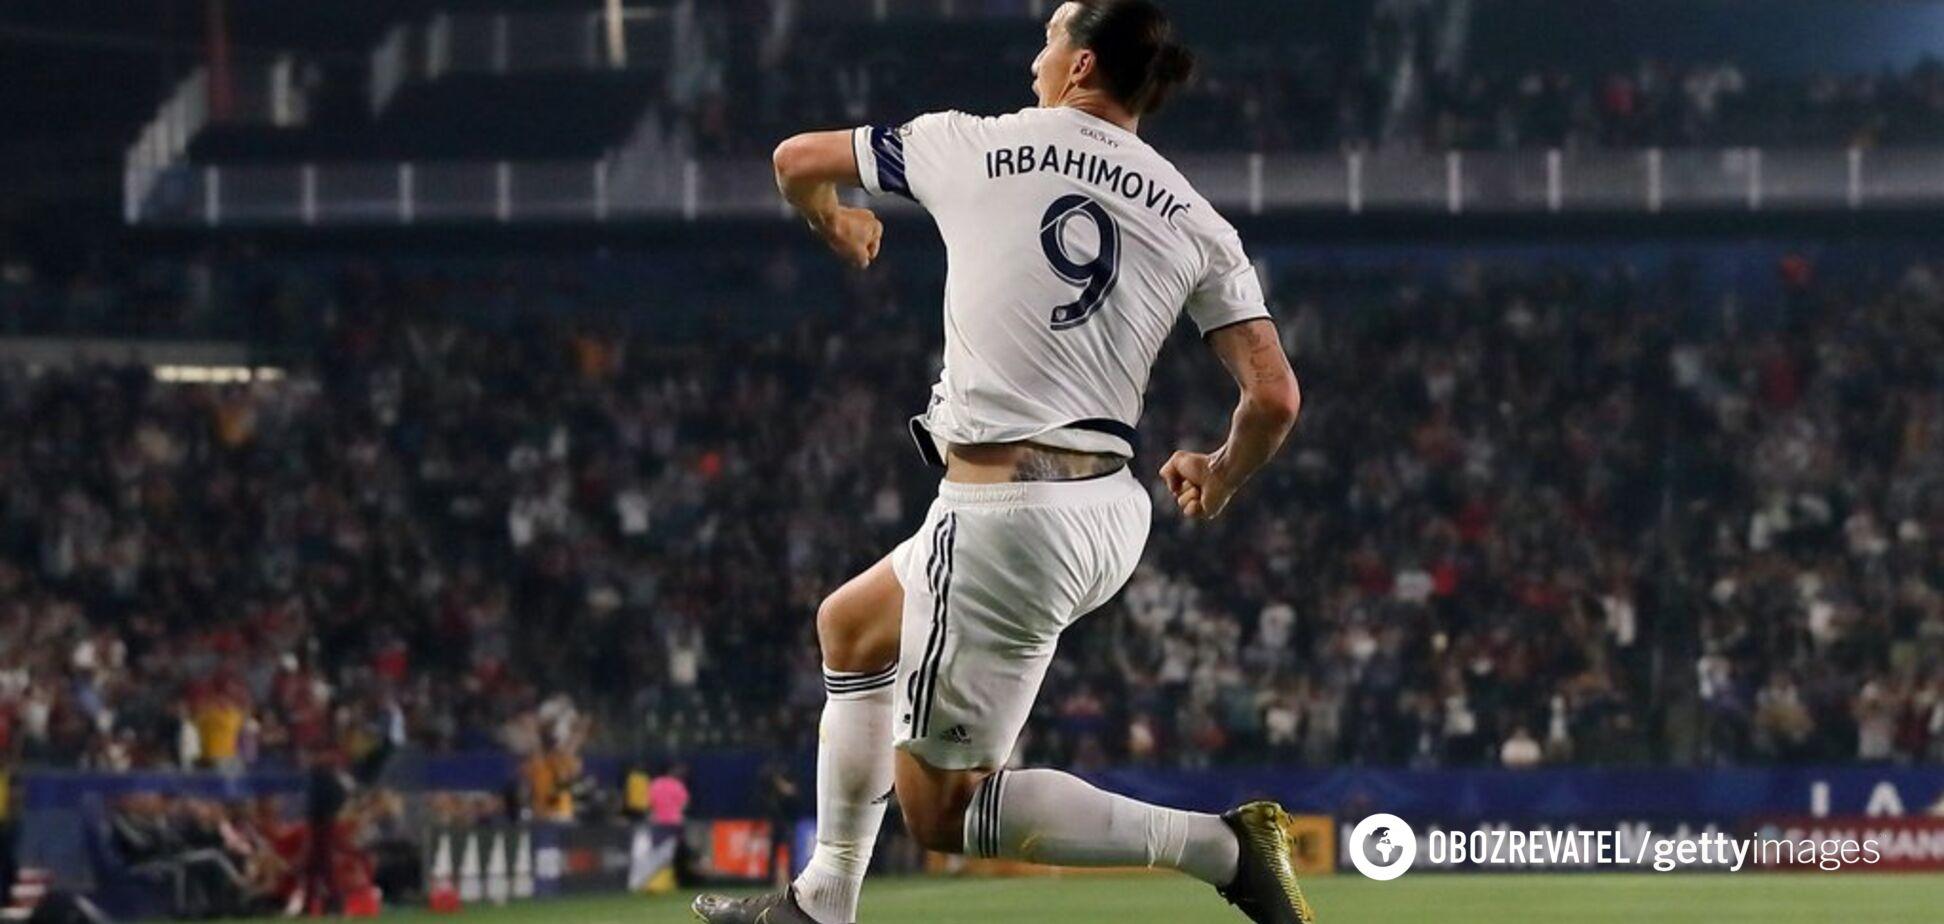 Ібрагімович забив фантастичний гол в США